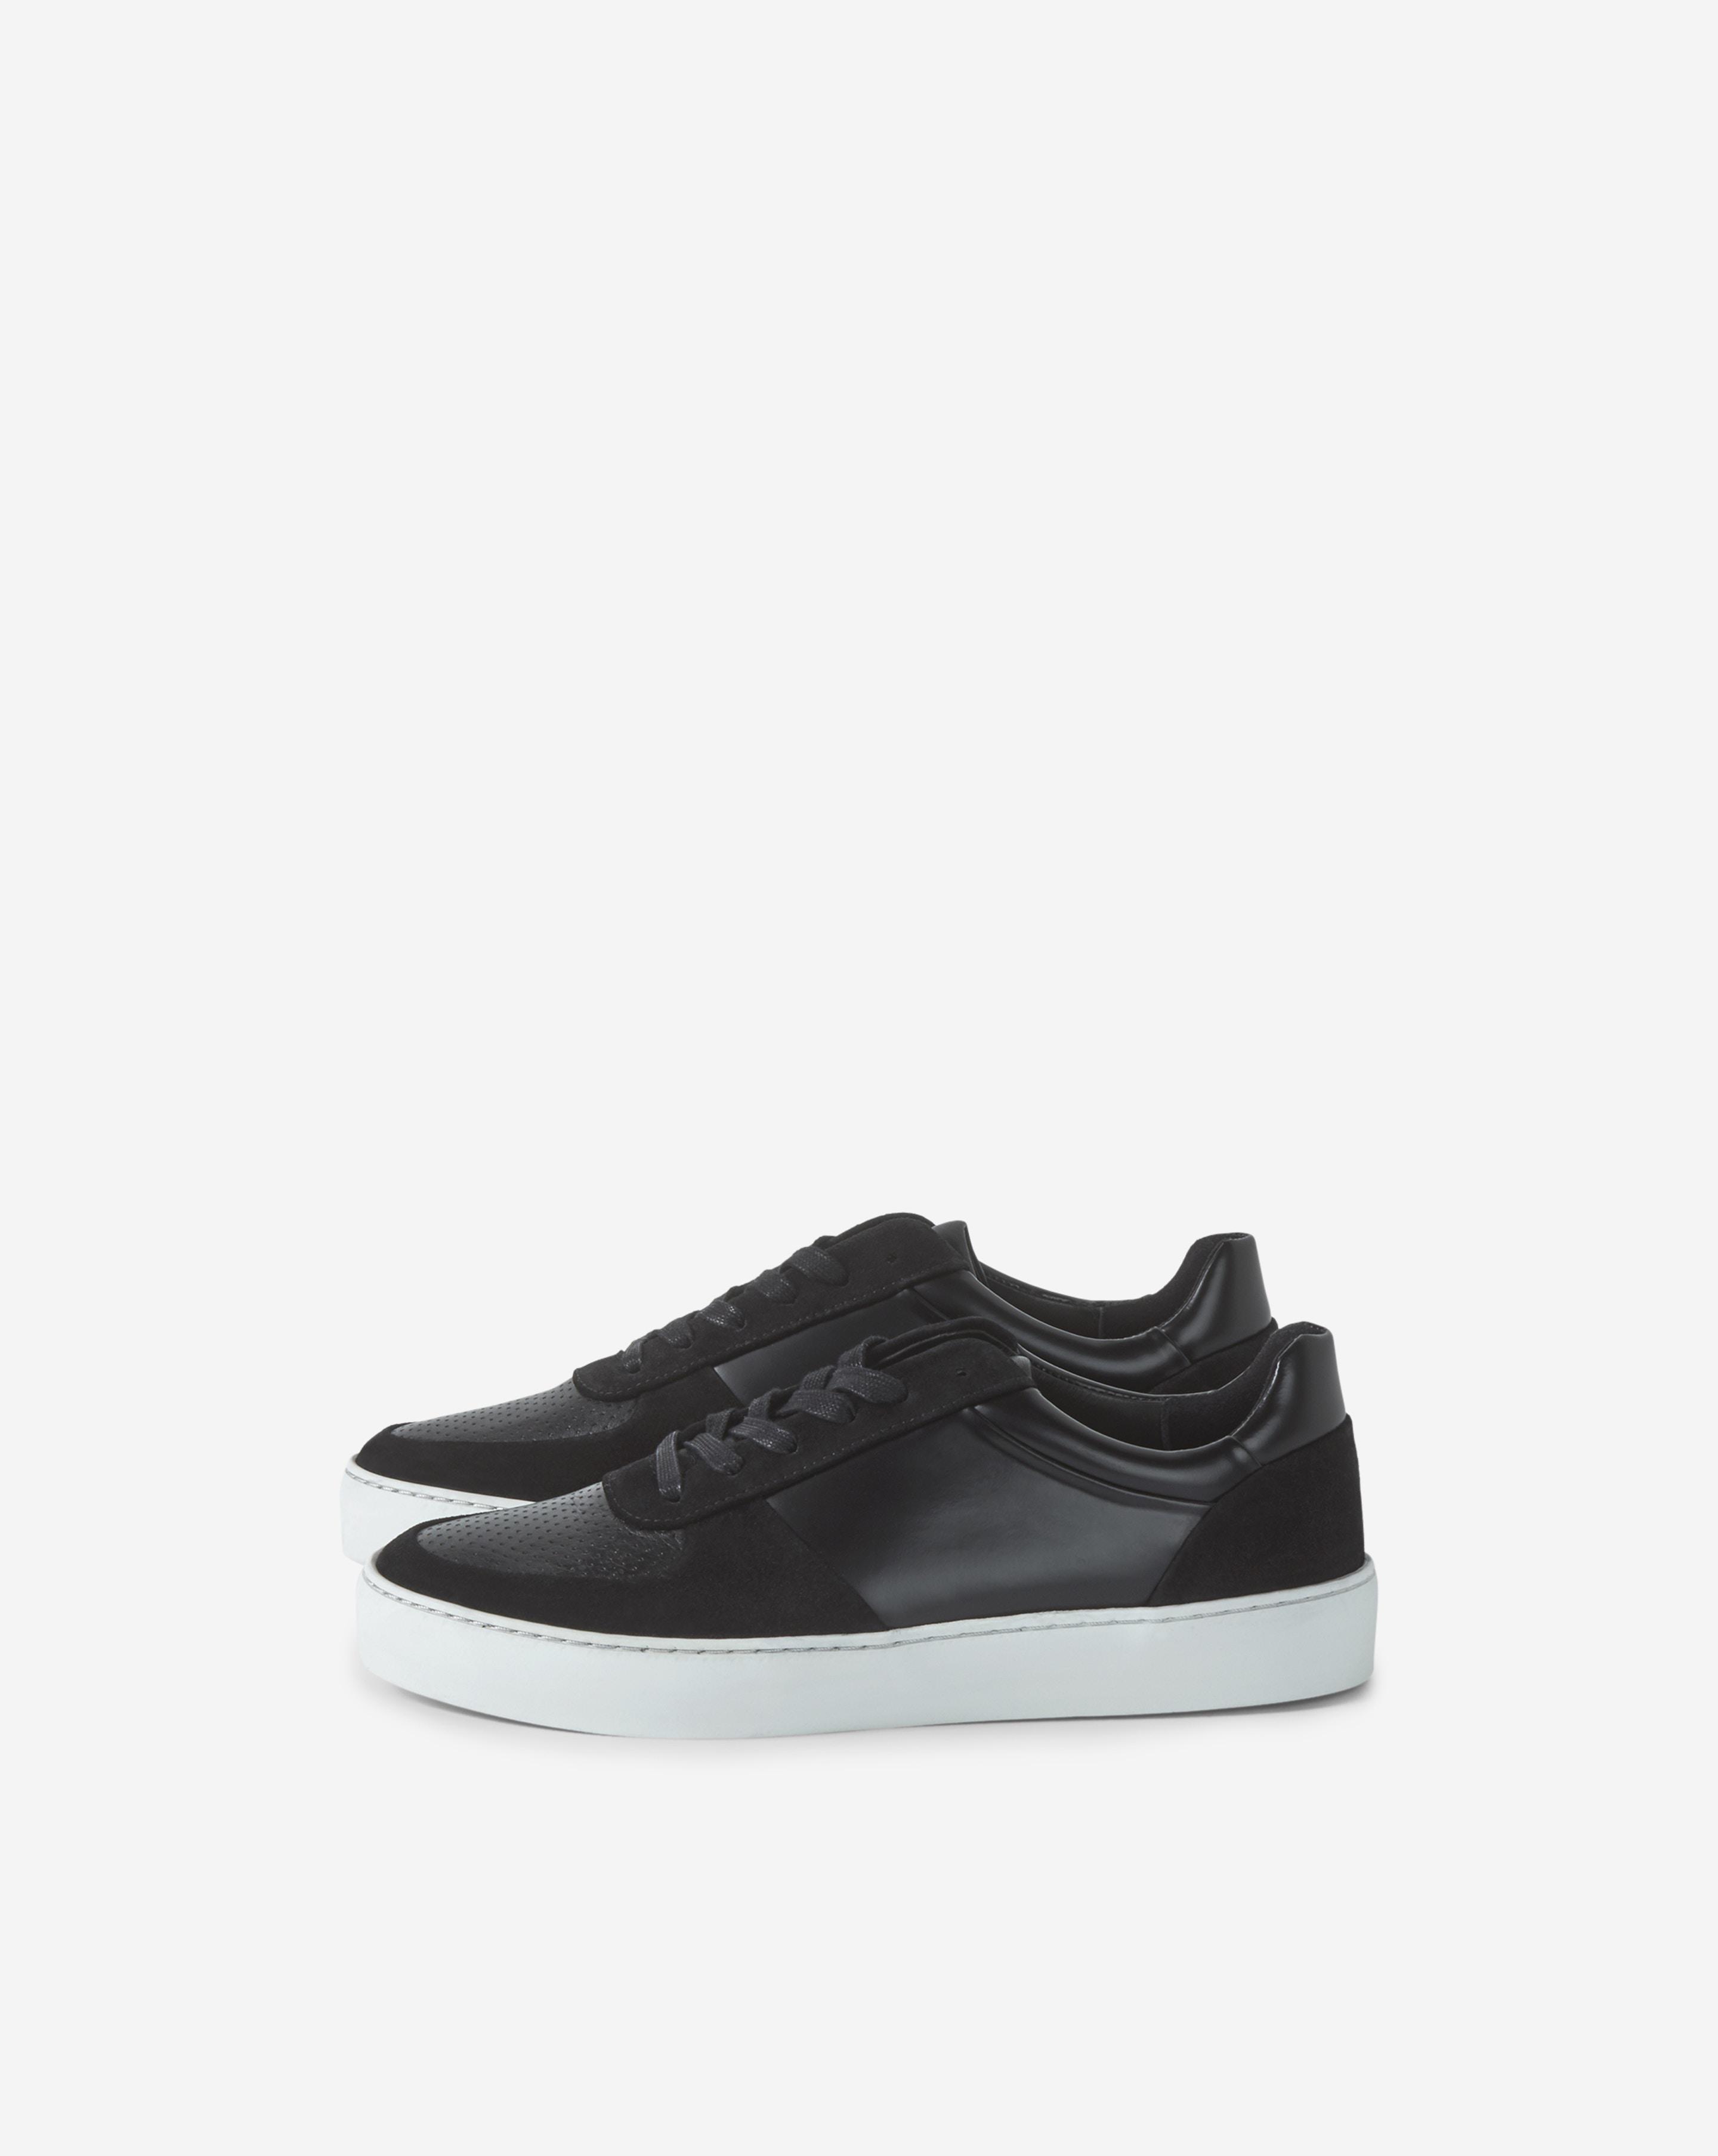 Filippa K Leather Donna Sneaker Black